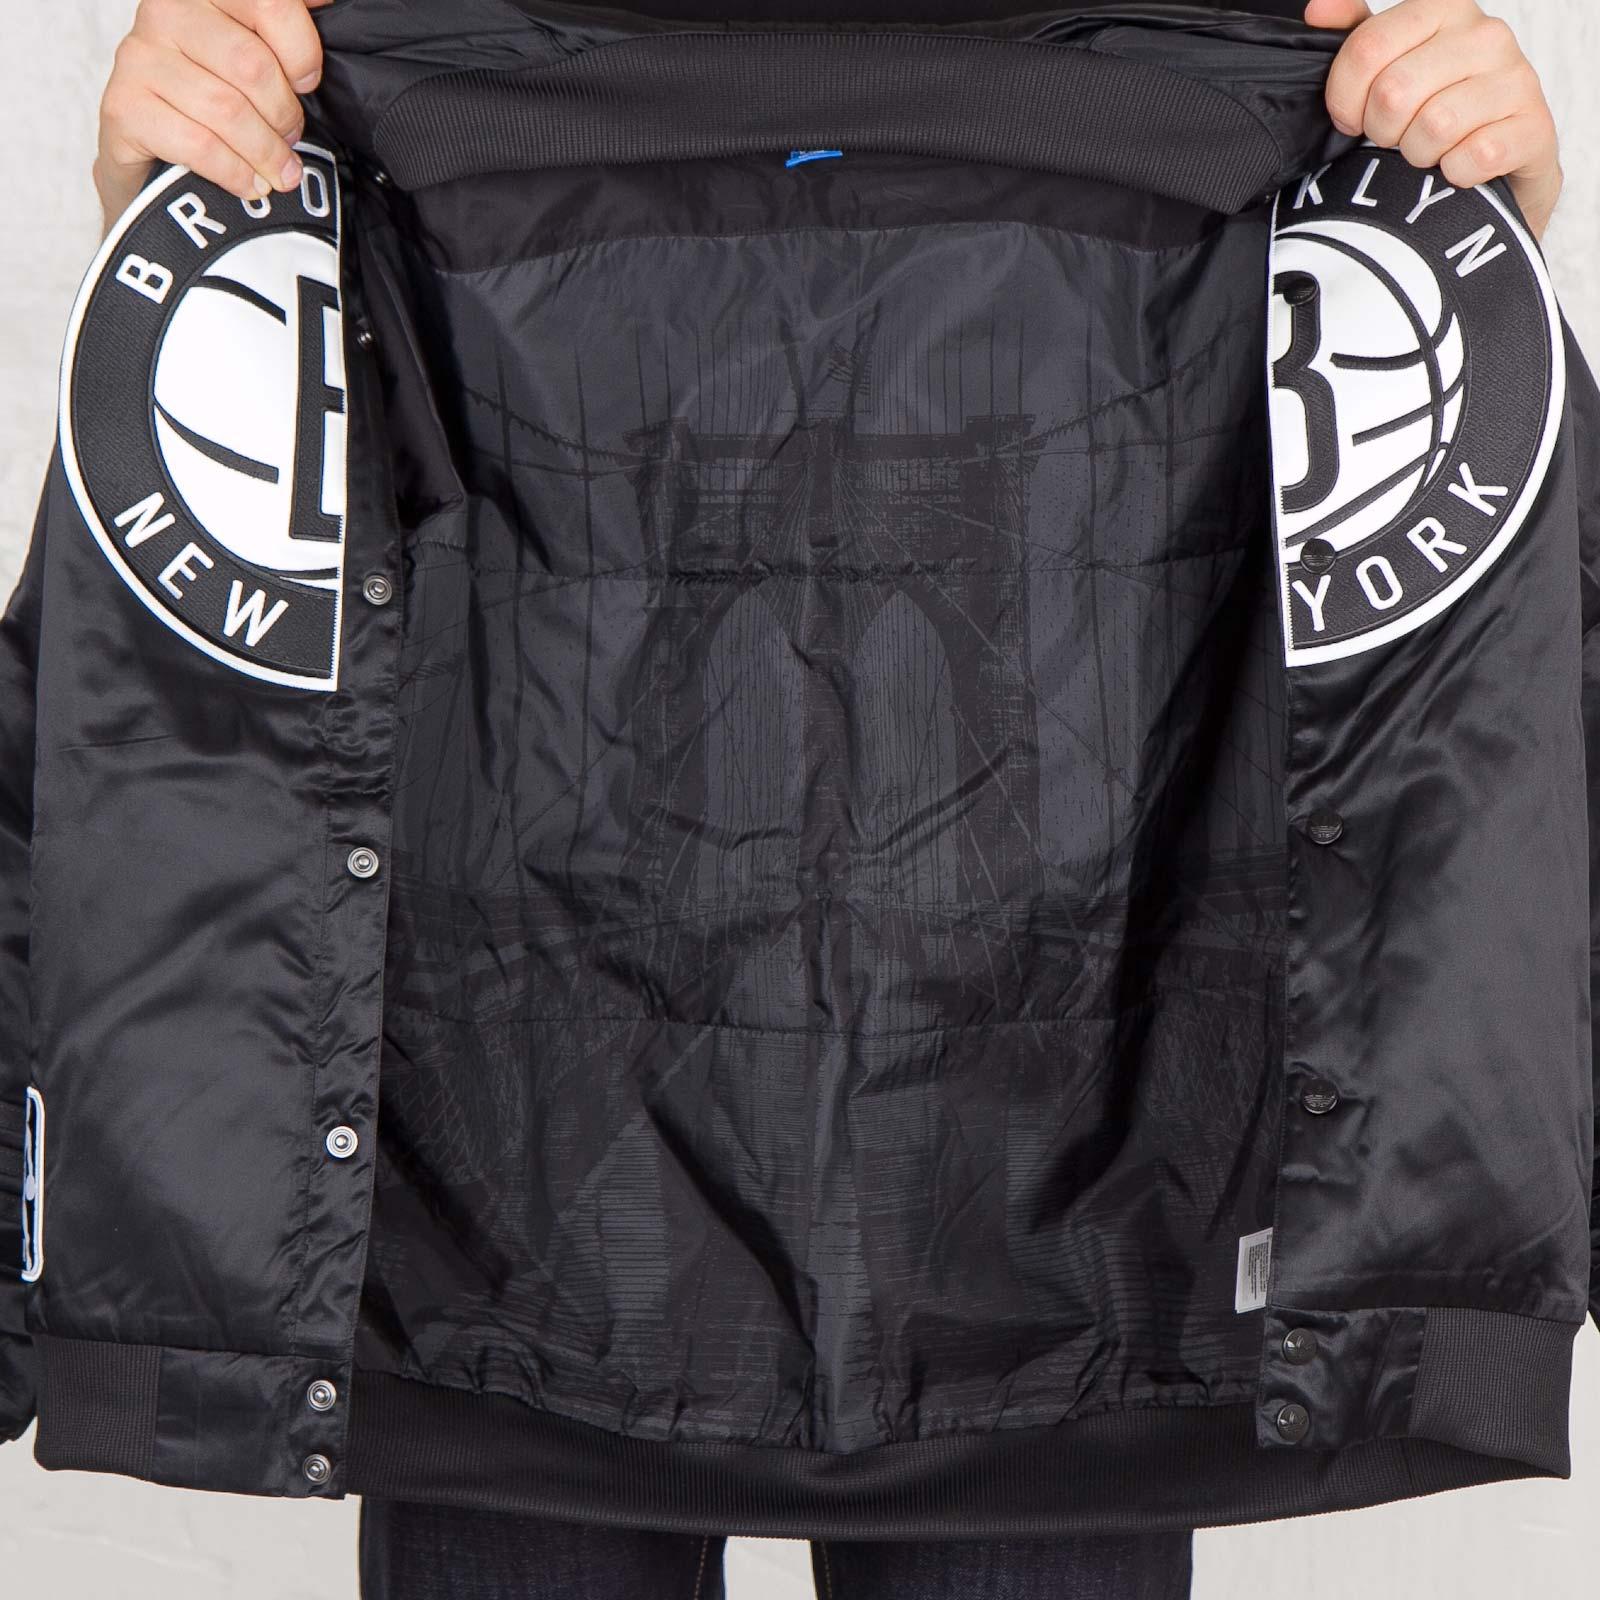 2e321d5dadc adidas NBA Brooklyn Nets Jacket - G76321 - Sneakersnstuff | sneakers &  streetwear online since 1999